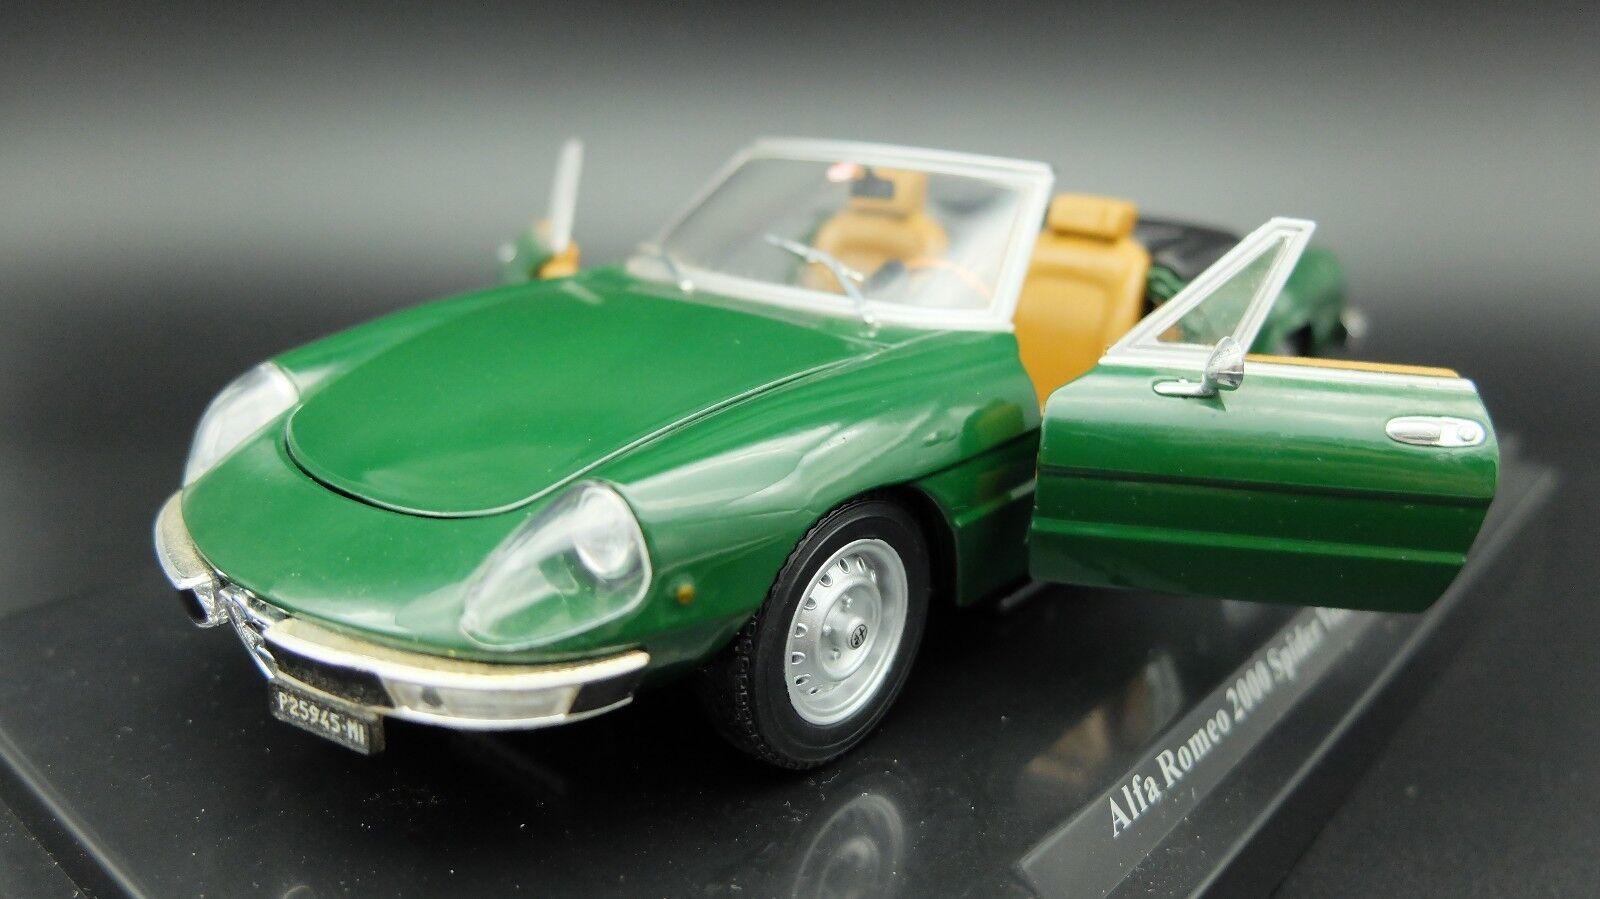 MODELLINO AUTO ALFA ROMEO ROMEO ROMEO SPIDER 2000 1 24 CAR MODEL DIECAST MODELL MODELO COCHE a52304